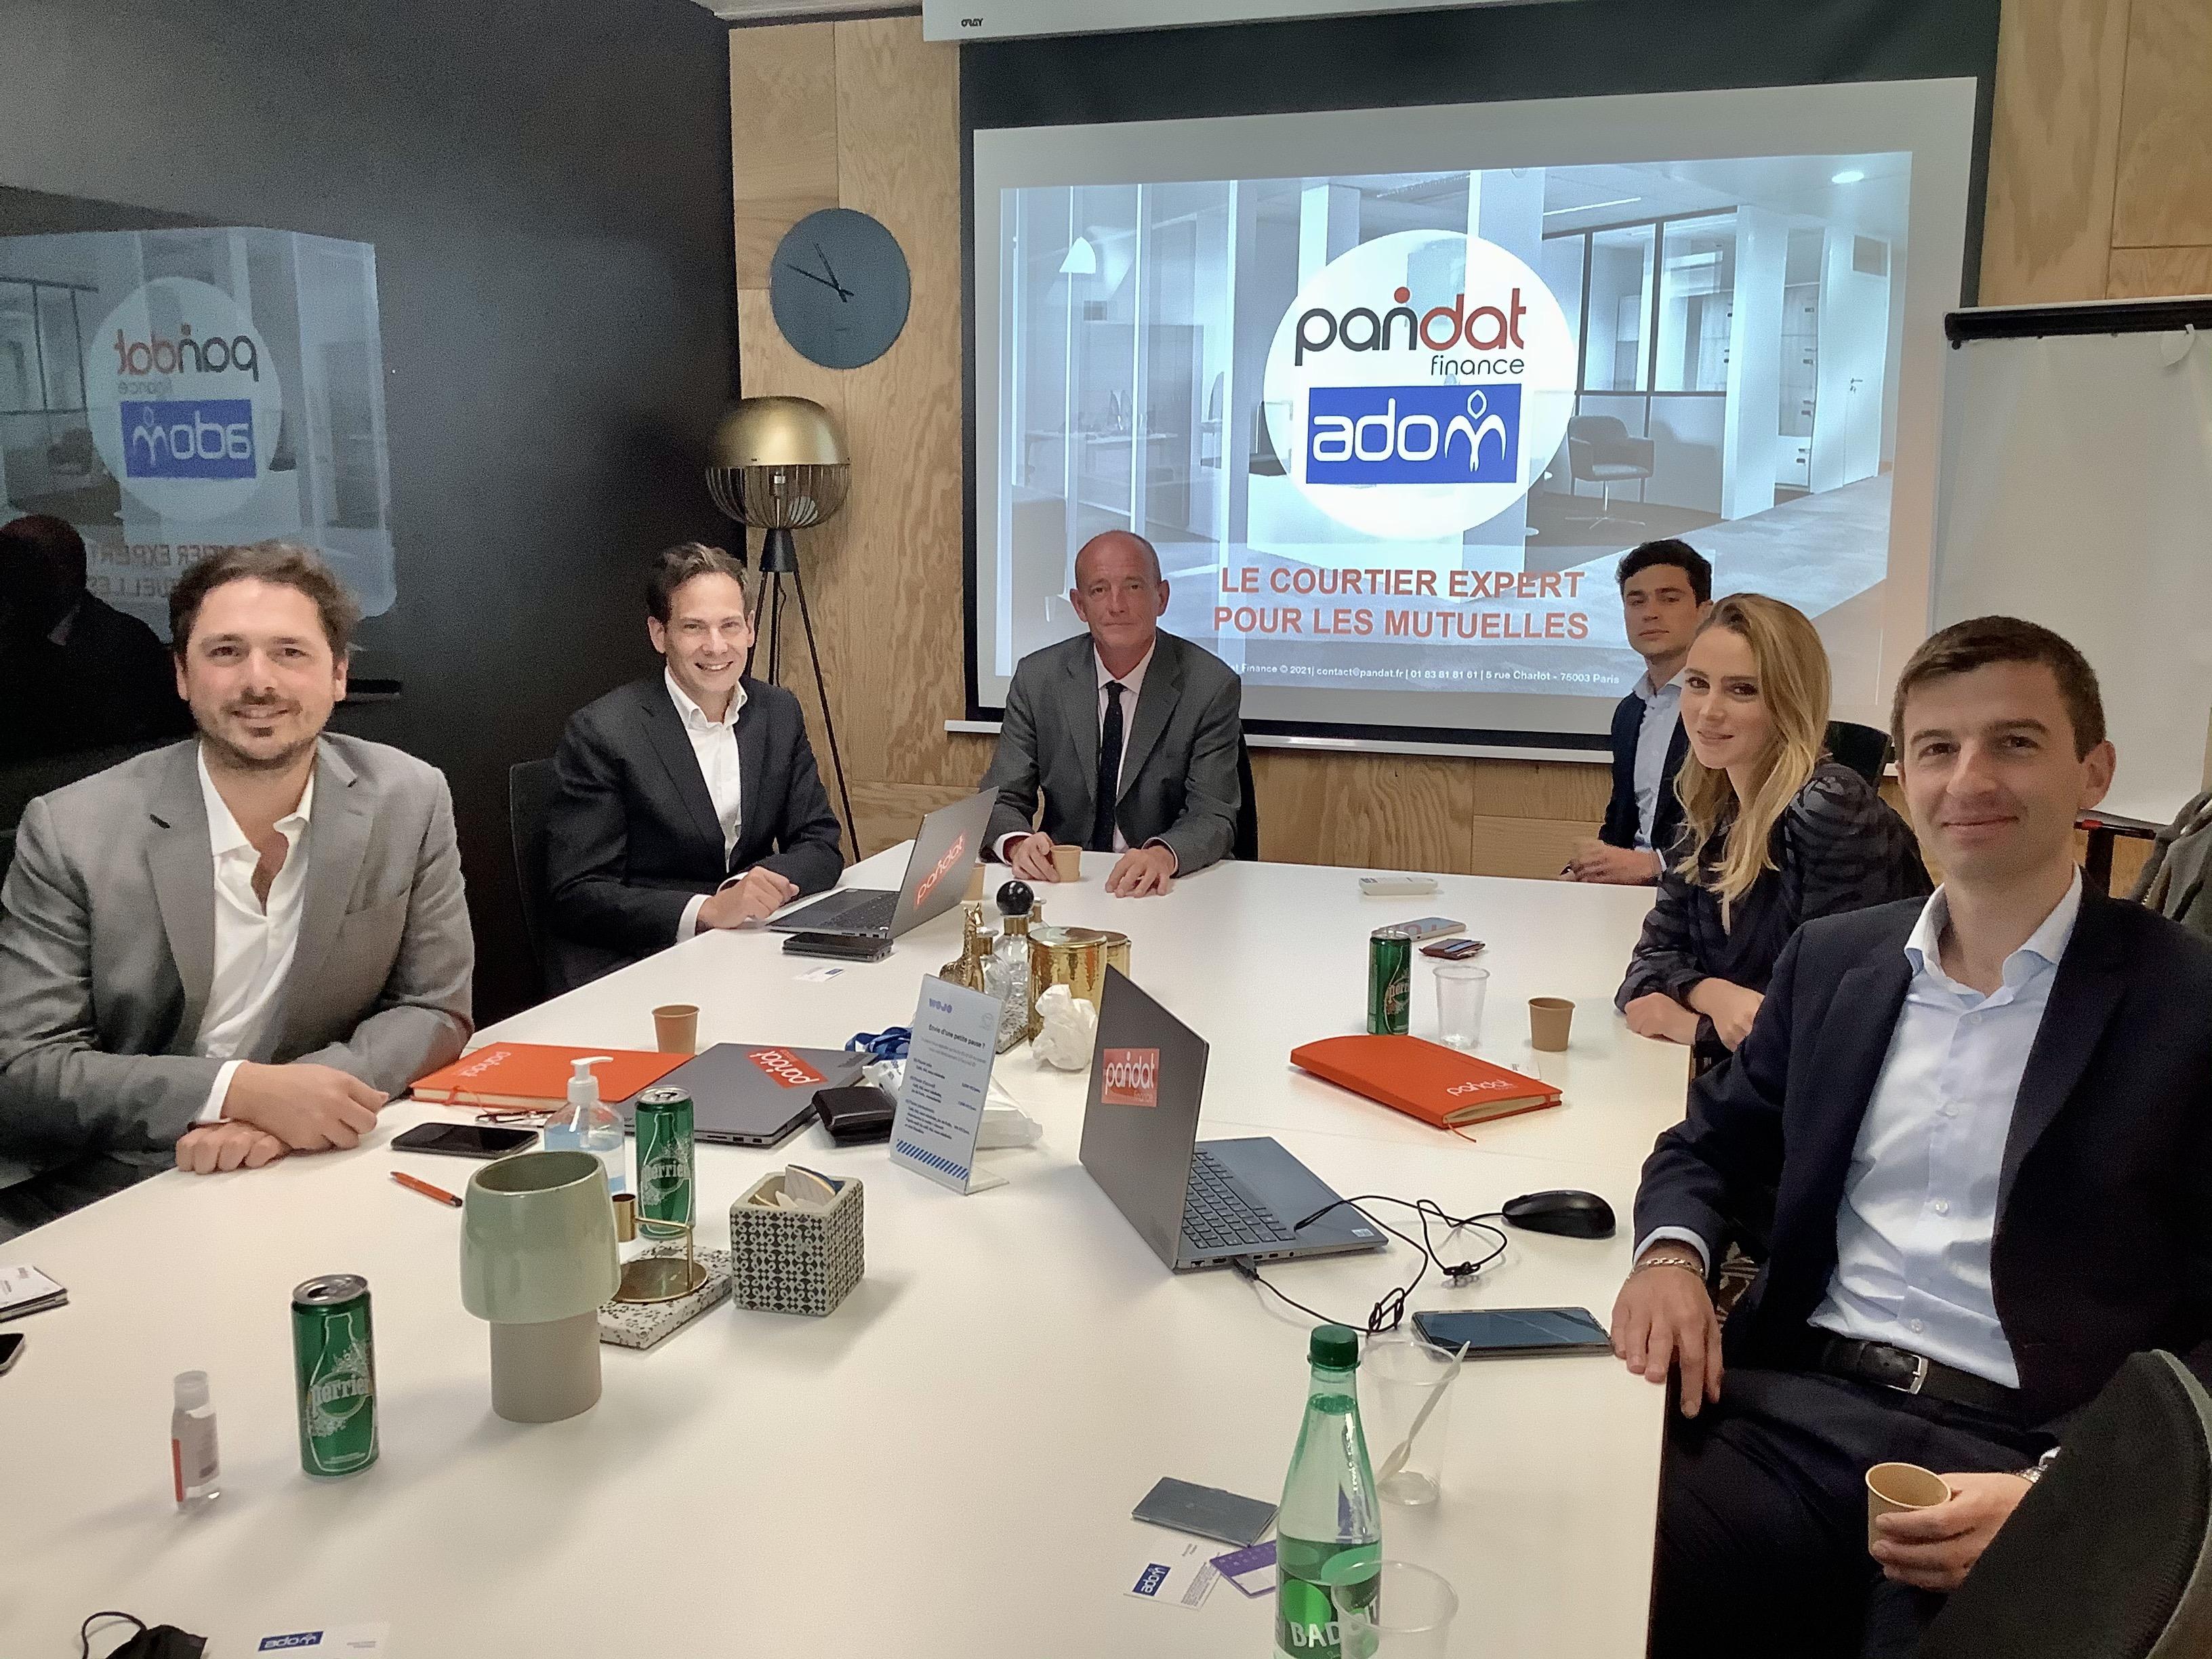 Pandat Finance sur Lyon